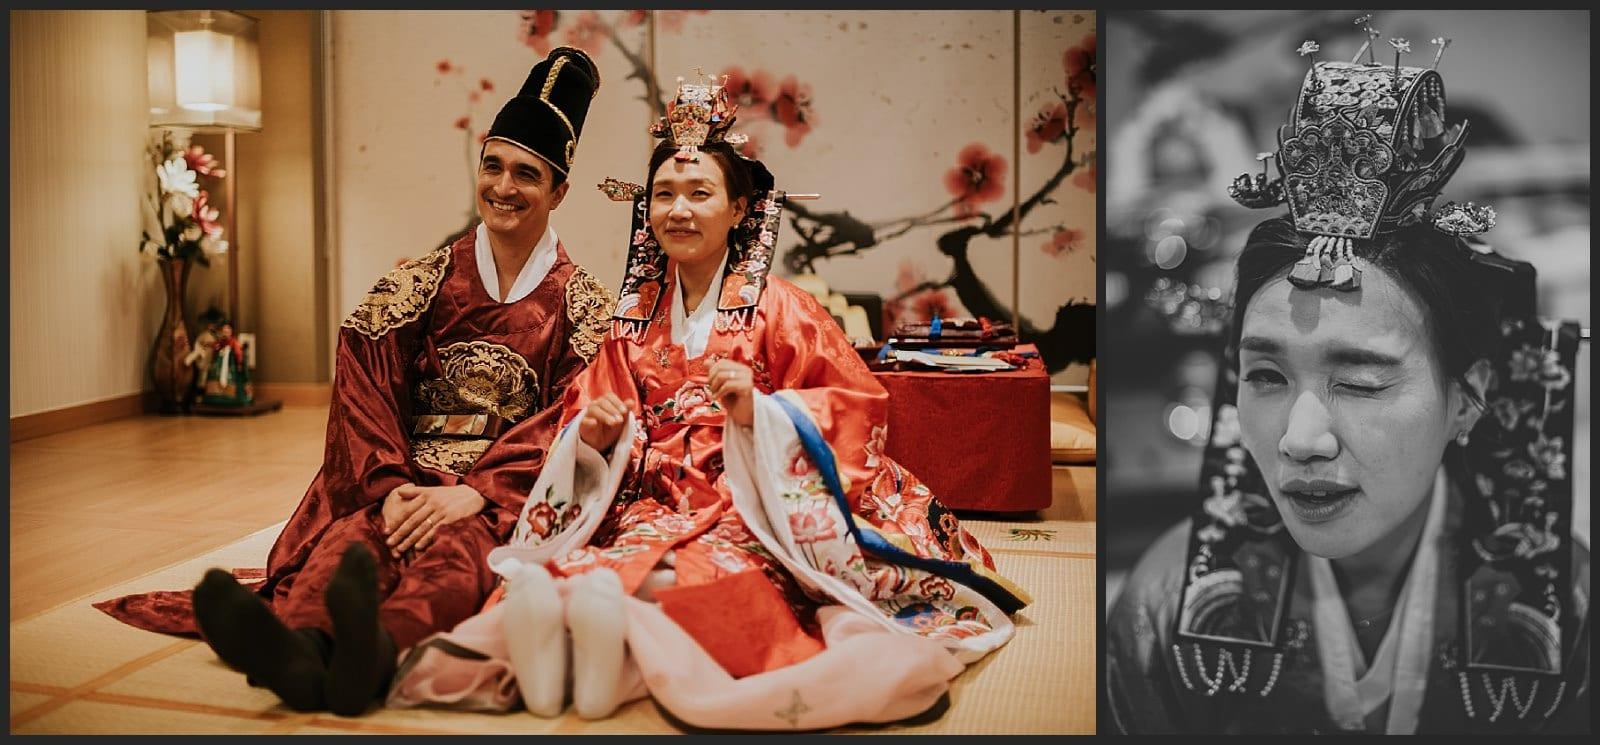 mariée en tenue traditionnel, fin de cérémonie traditionnel coréenne, clin d'œil de la mariée.